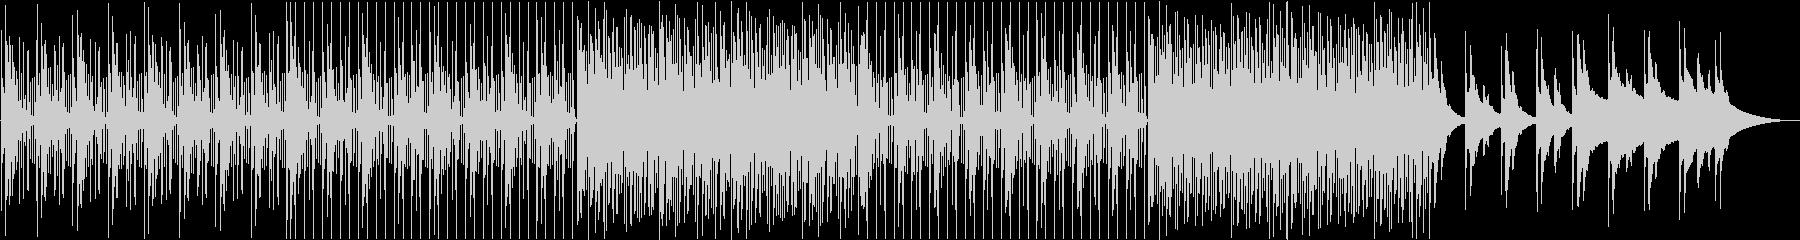 ピアノ主体の緩やかなBGMの未再生の波形